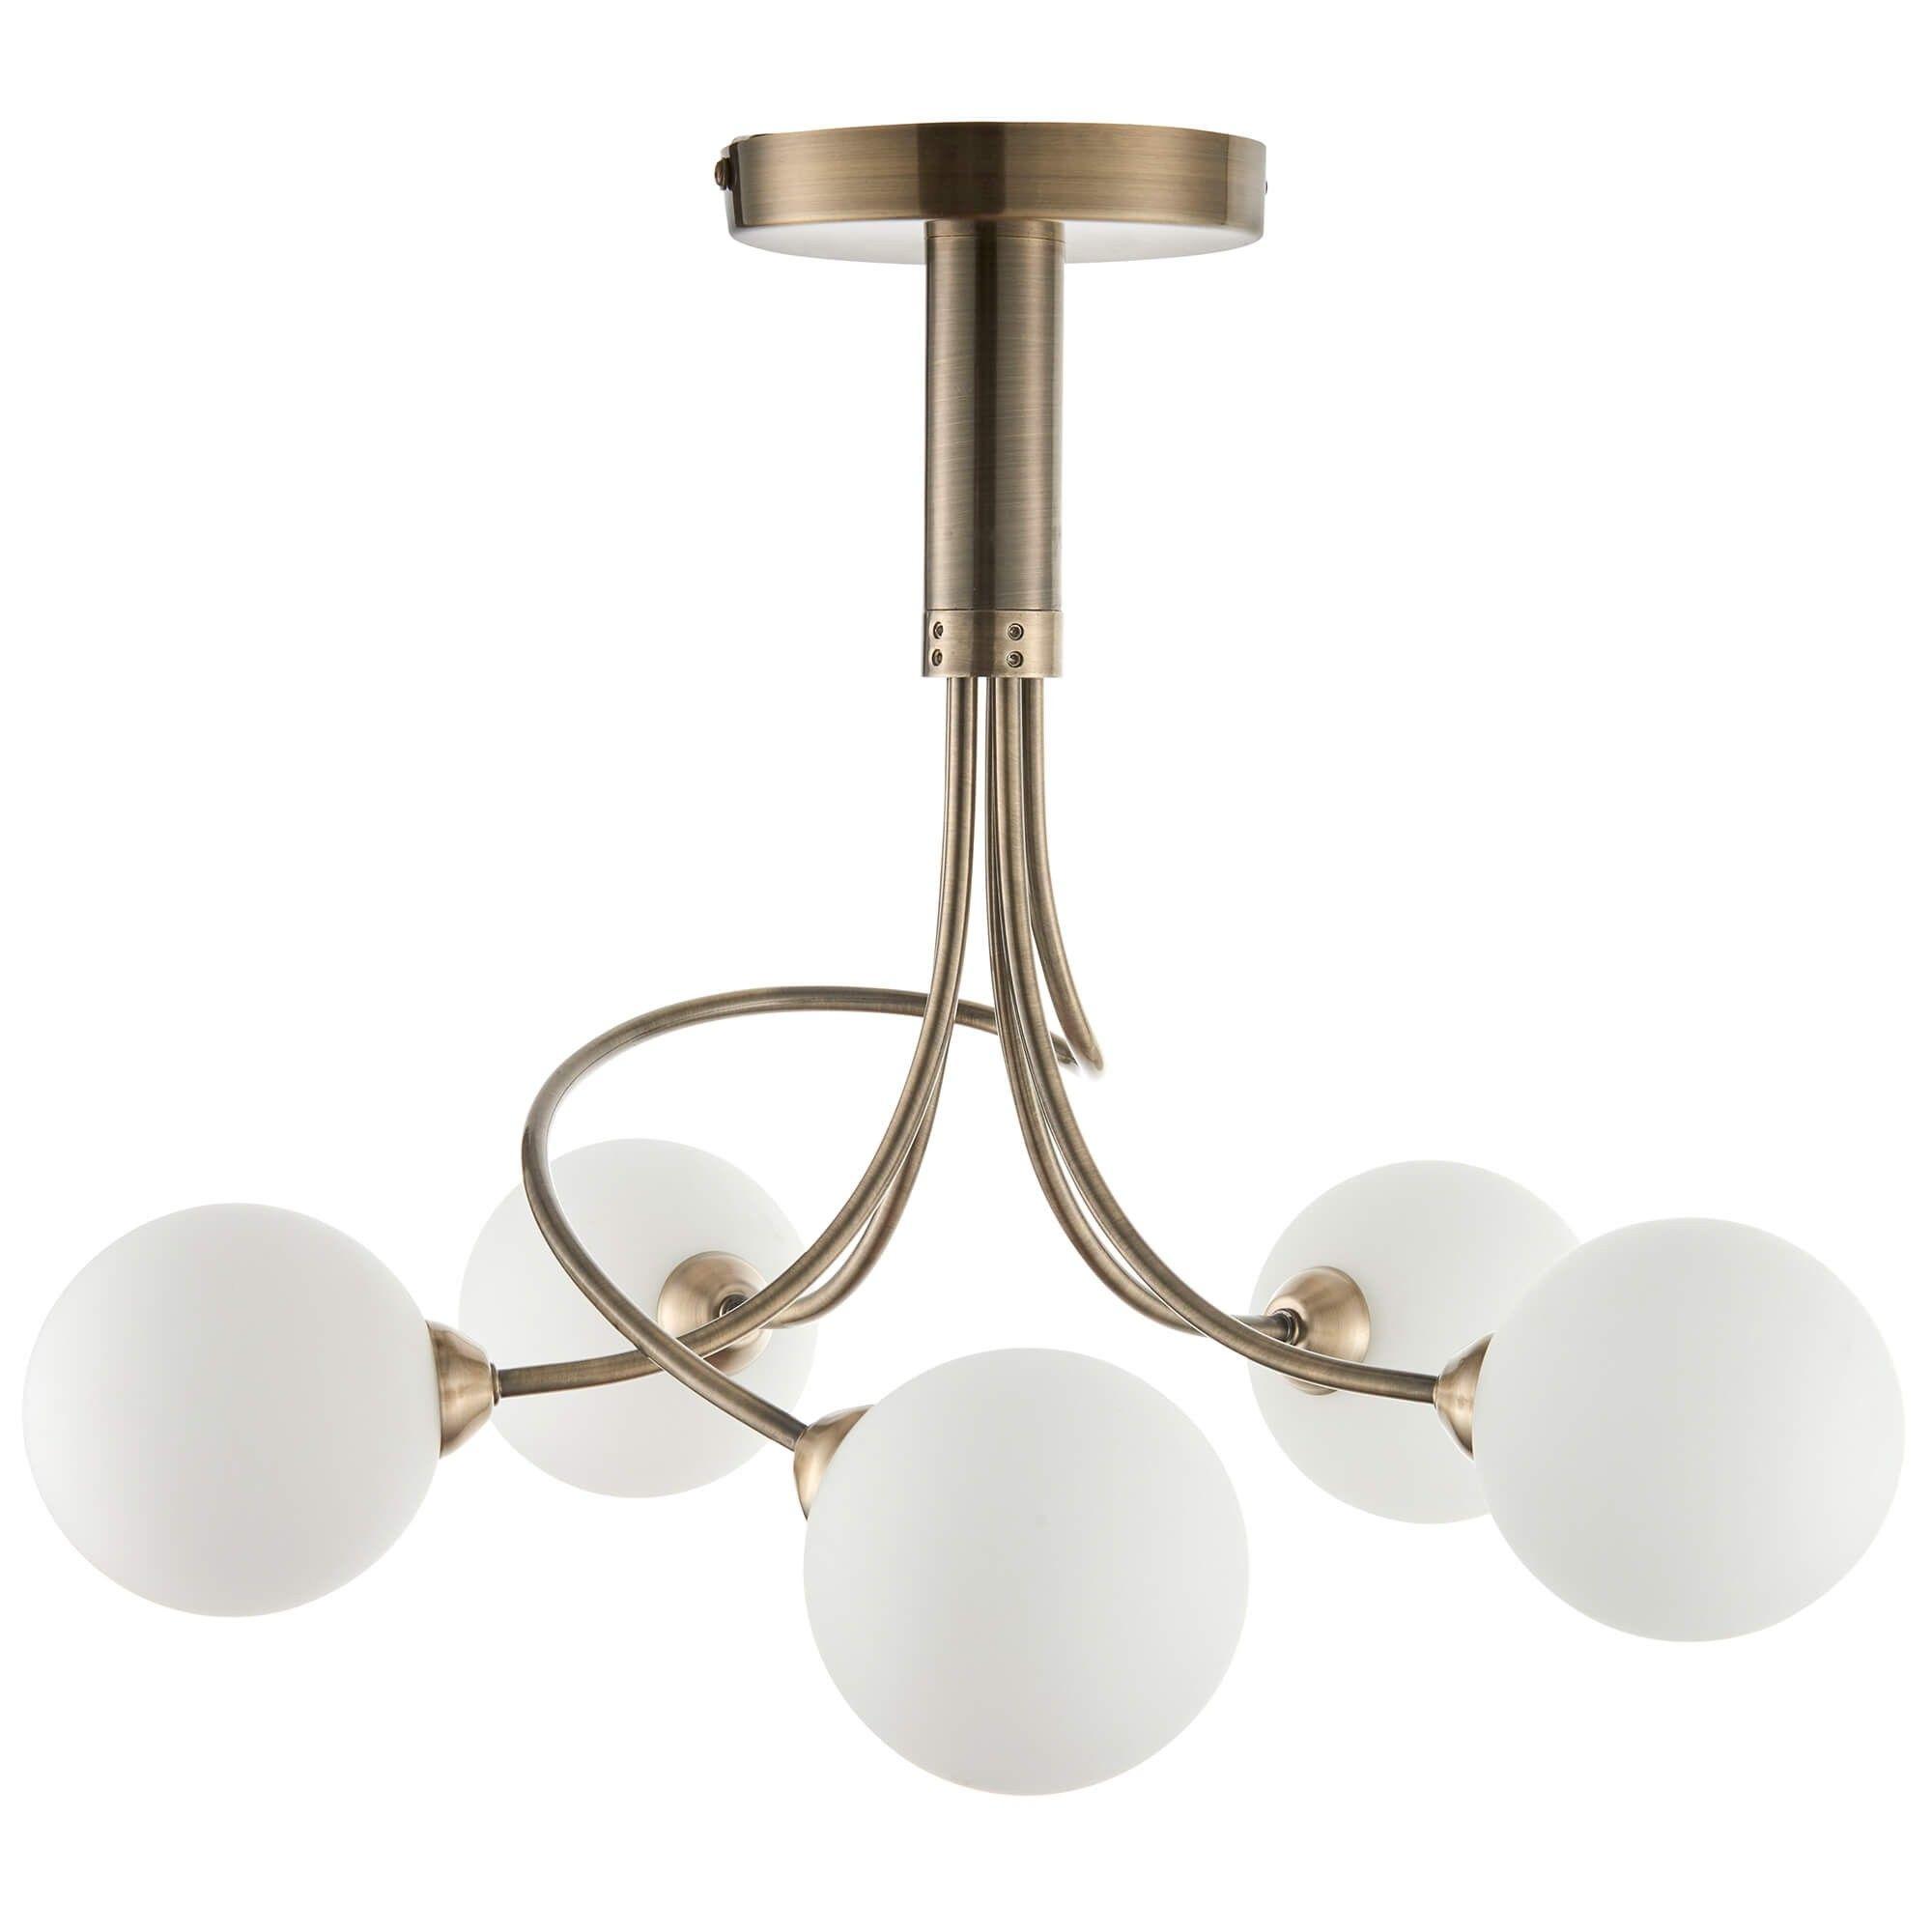 Colville Semi Flush Ceiling Light Ceiling Lights Semi Flush